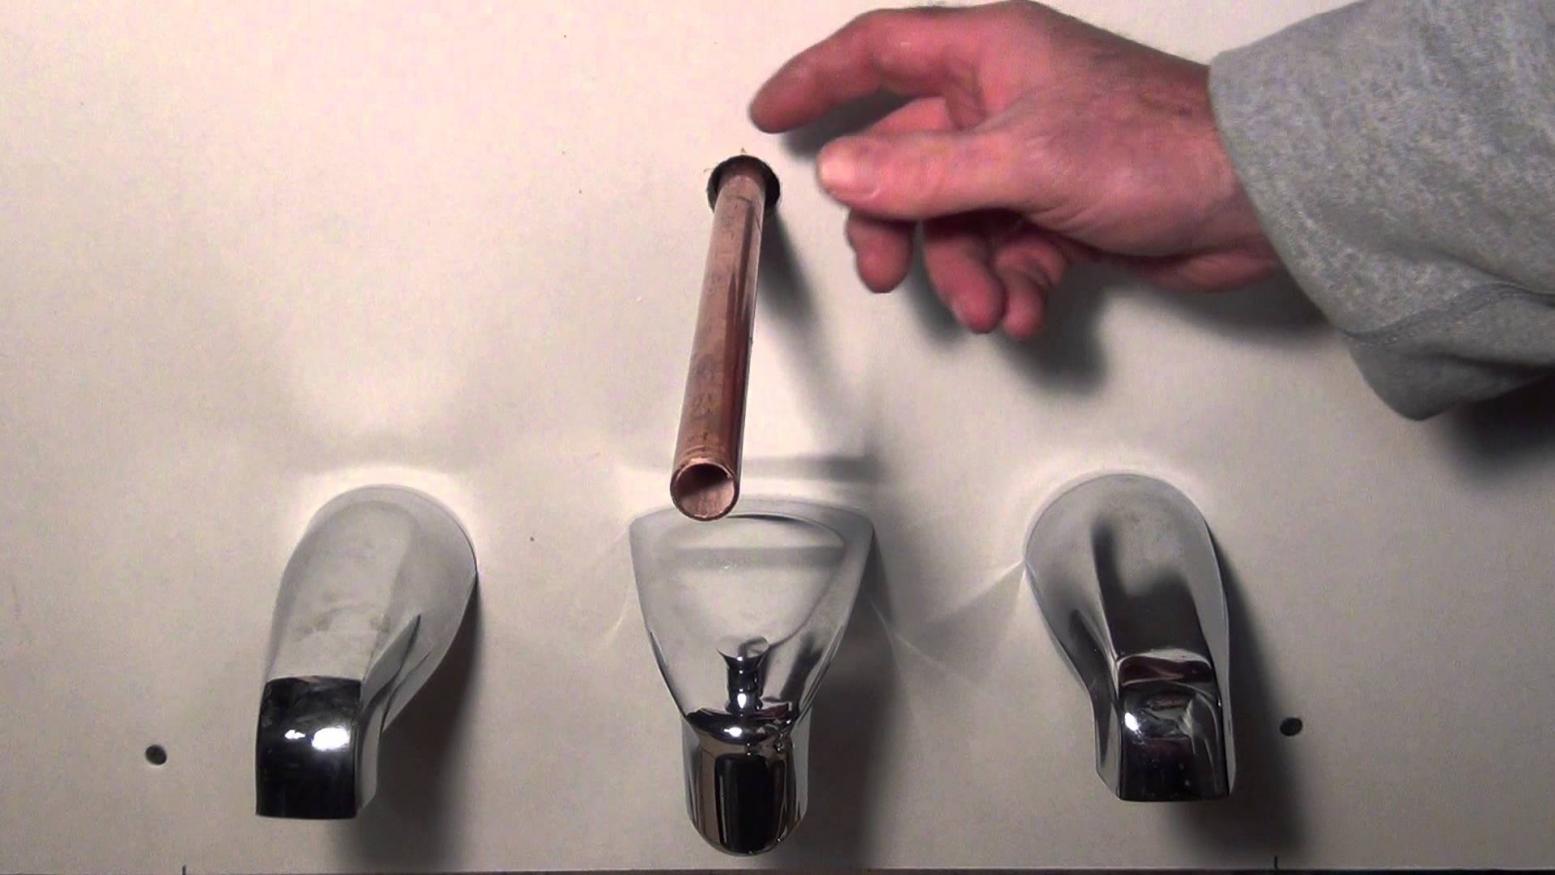 delta faucet allen wrench size delta faucet allen wrench size moen shower faucet allen wrench size road house site road 1555 x 875